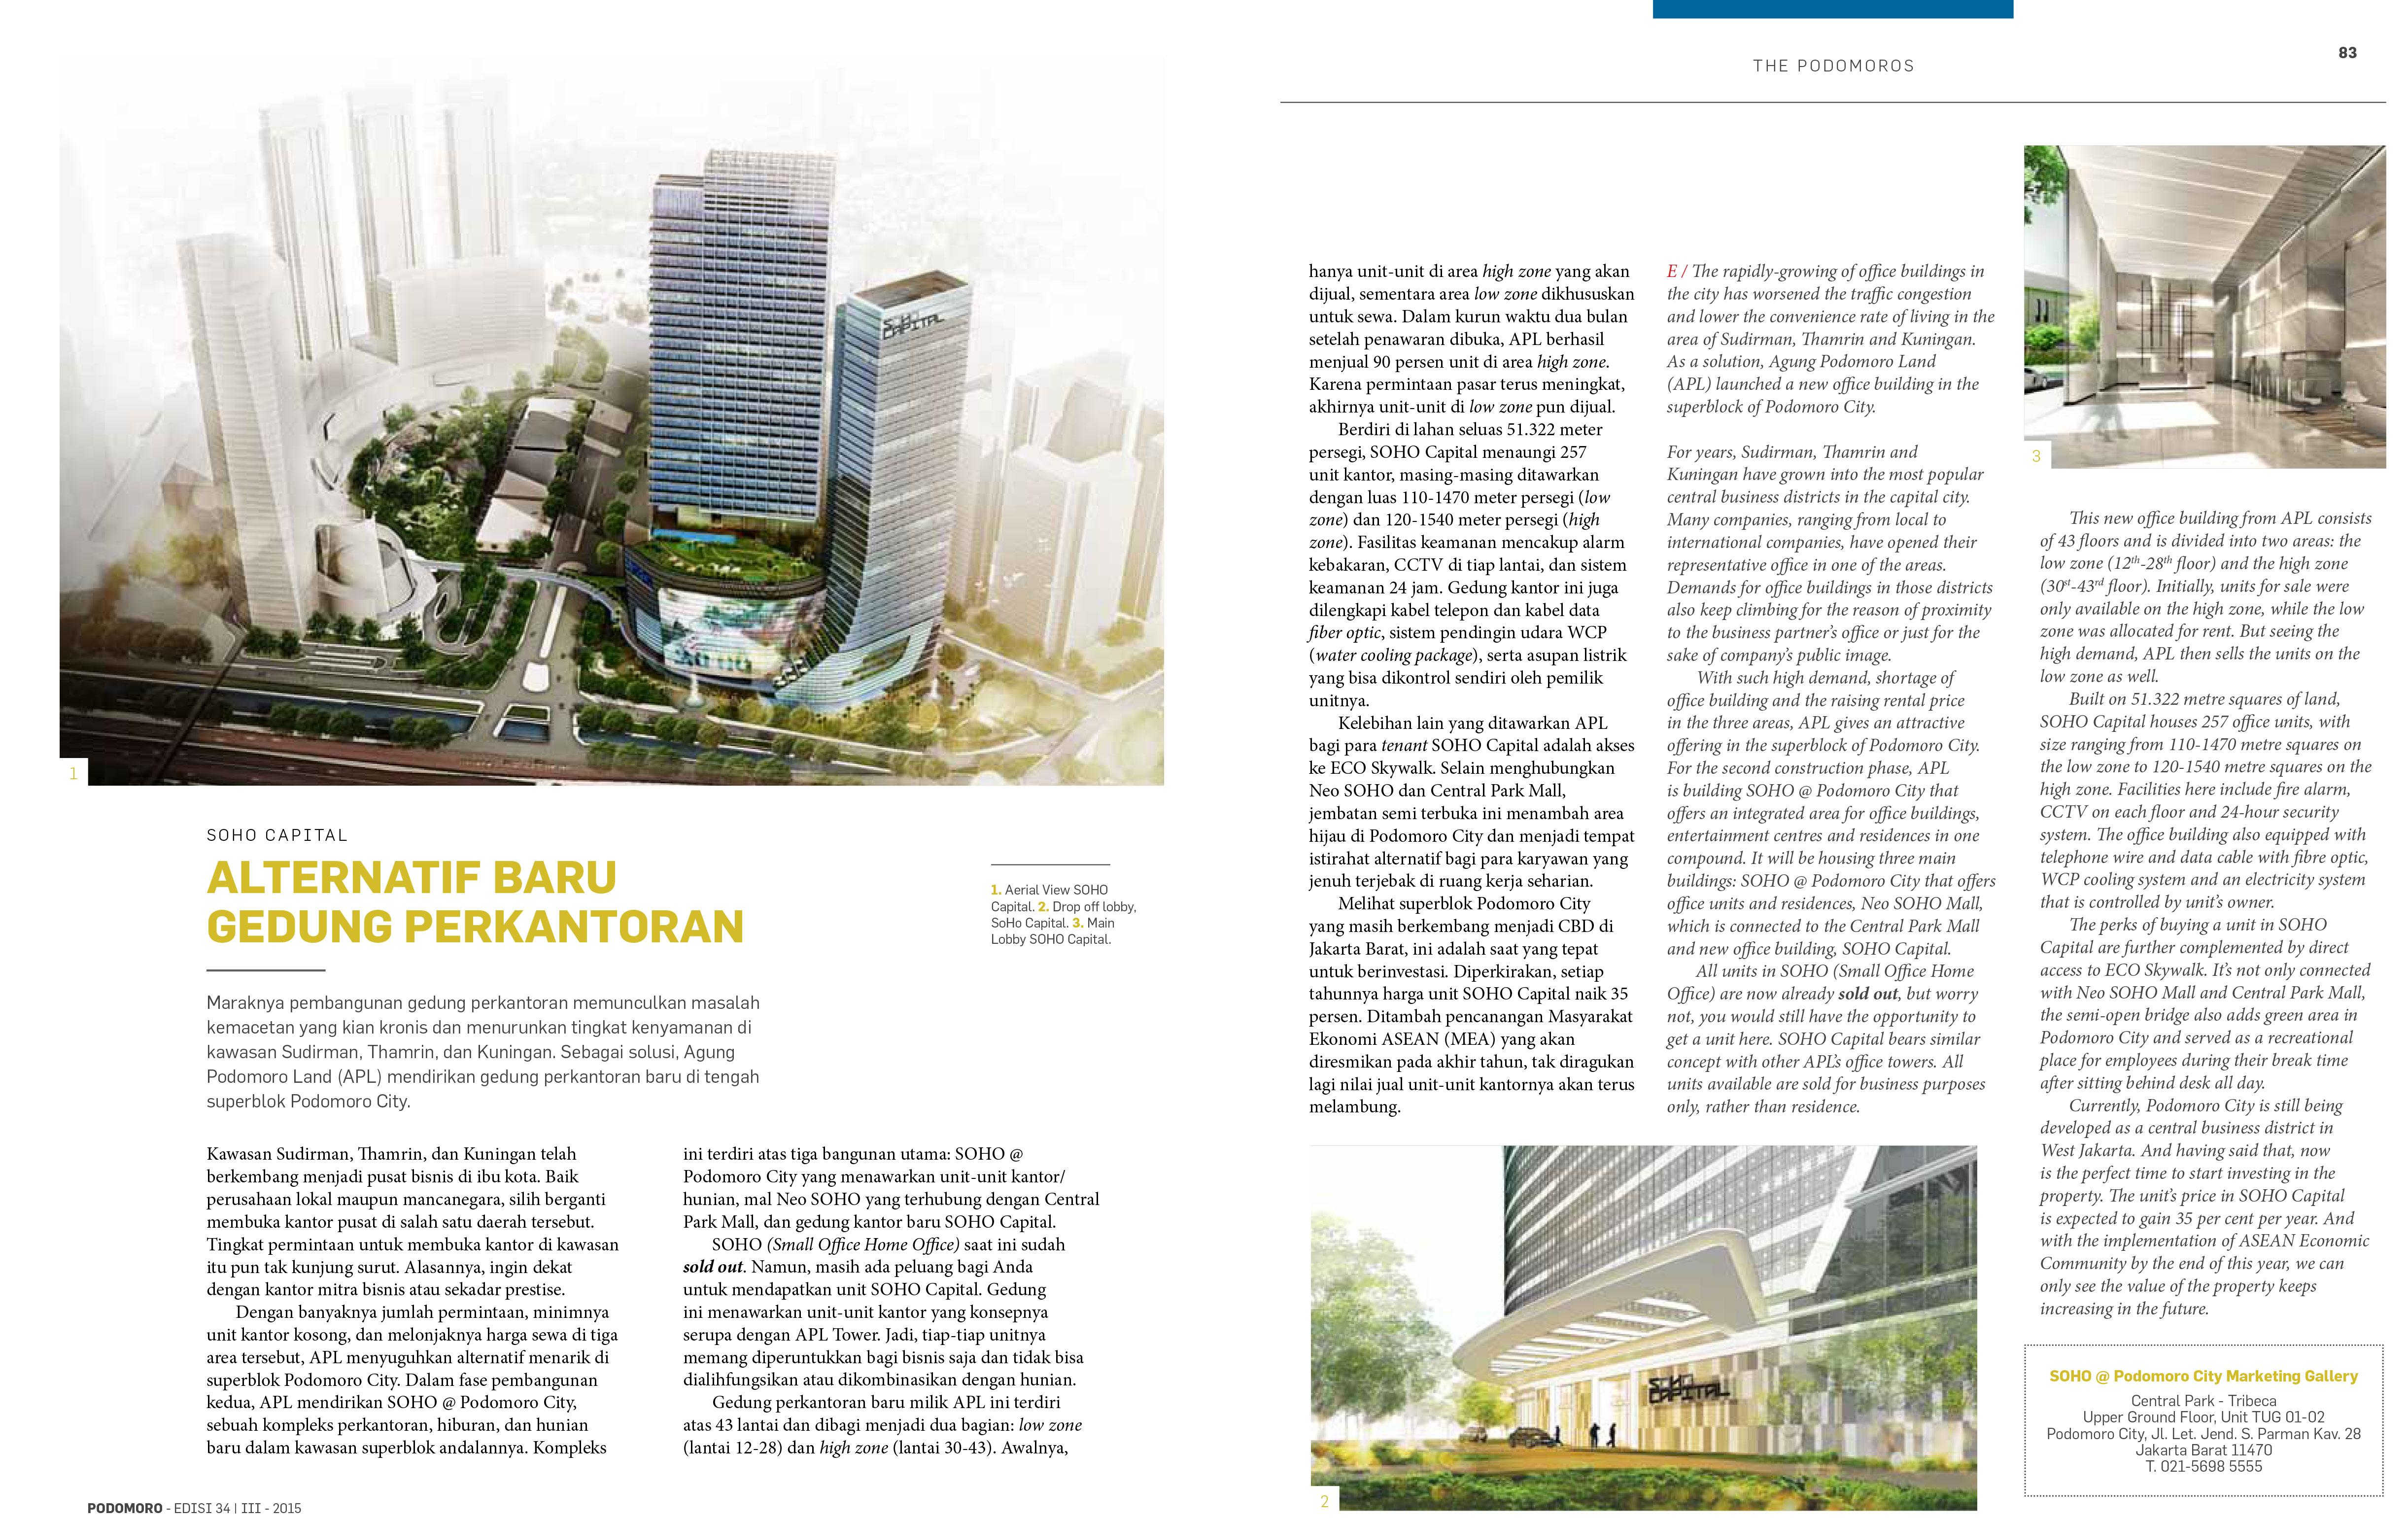 Article-SOHO-Capital-untk-website-&-socmed-(Sept-2015)